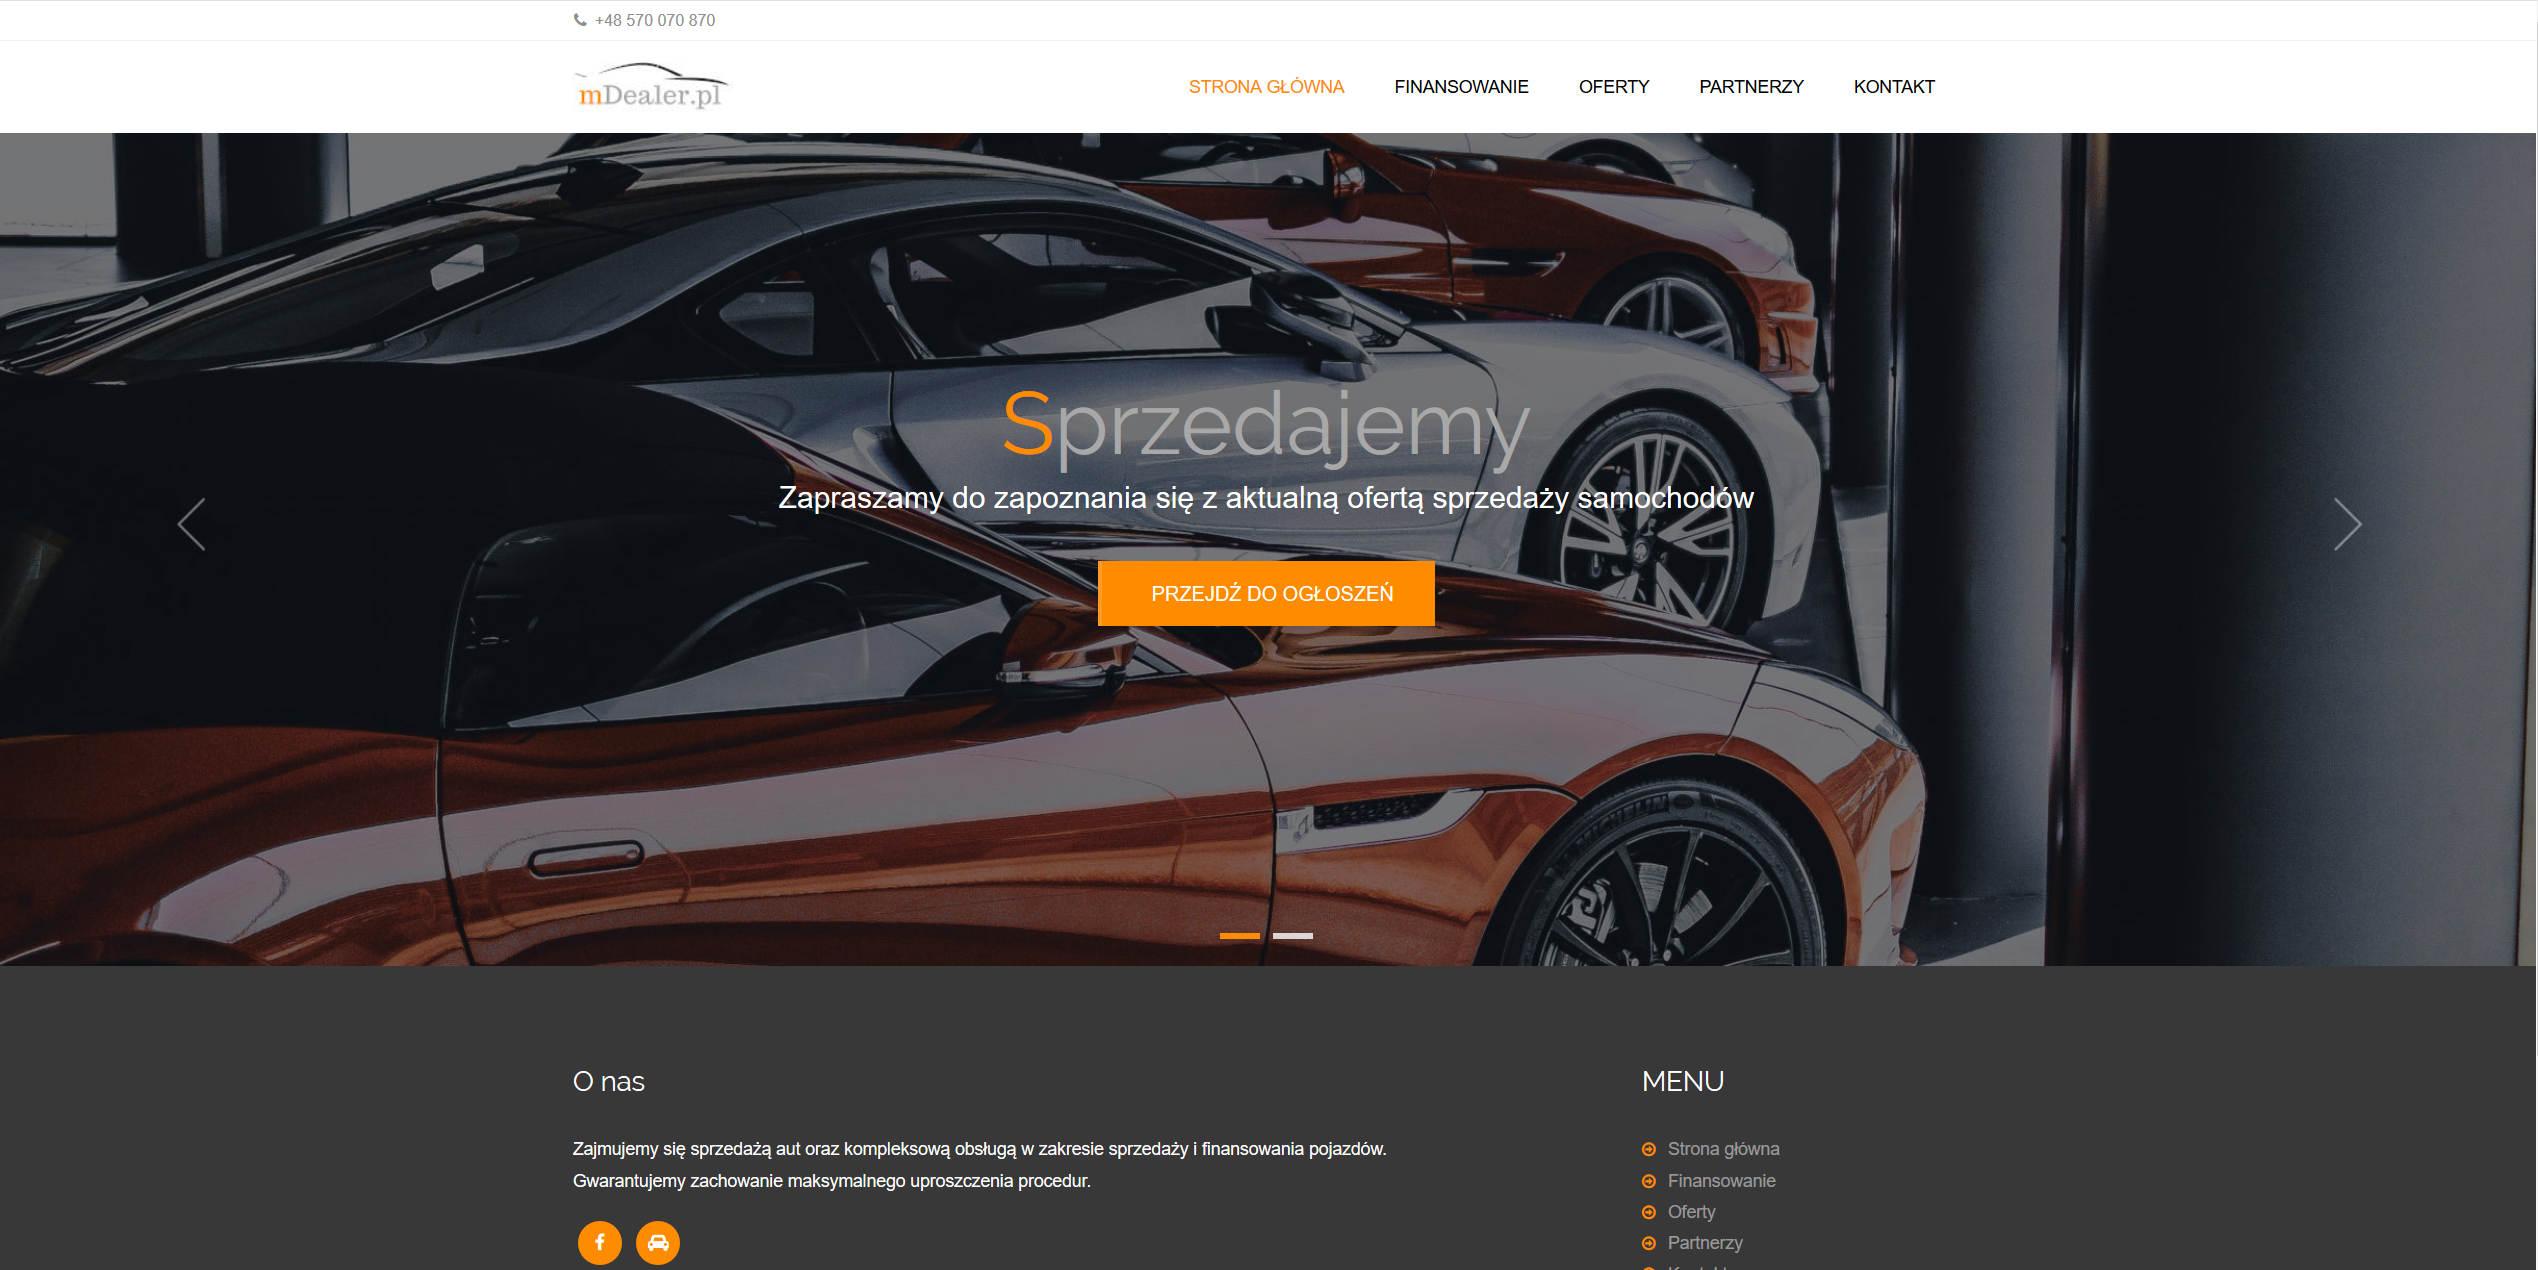 Witryna internetowa dealera samochodów.